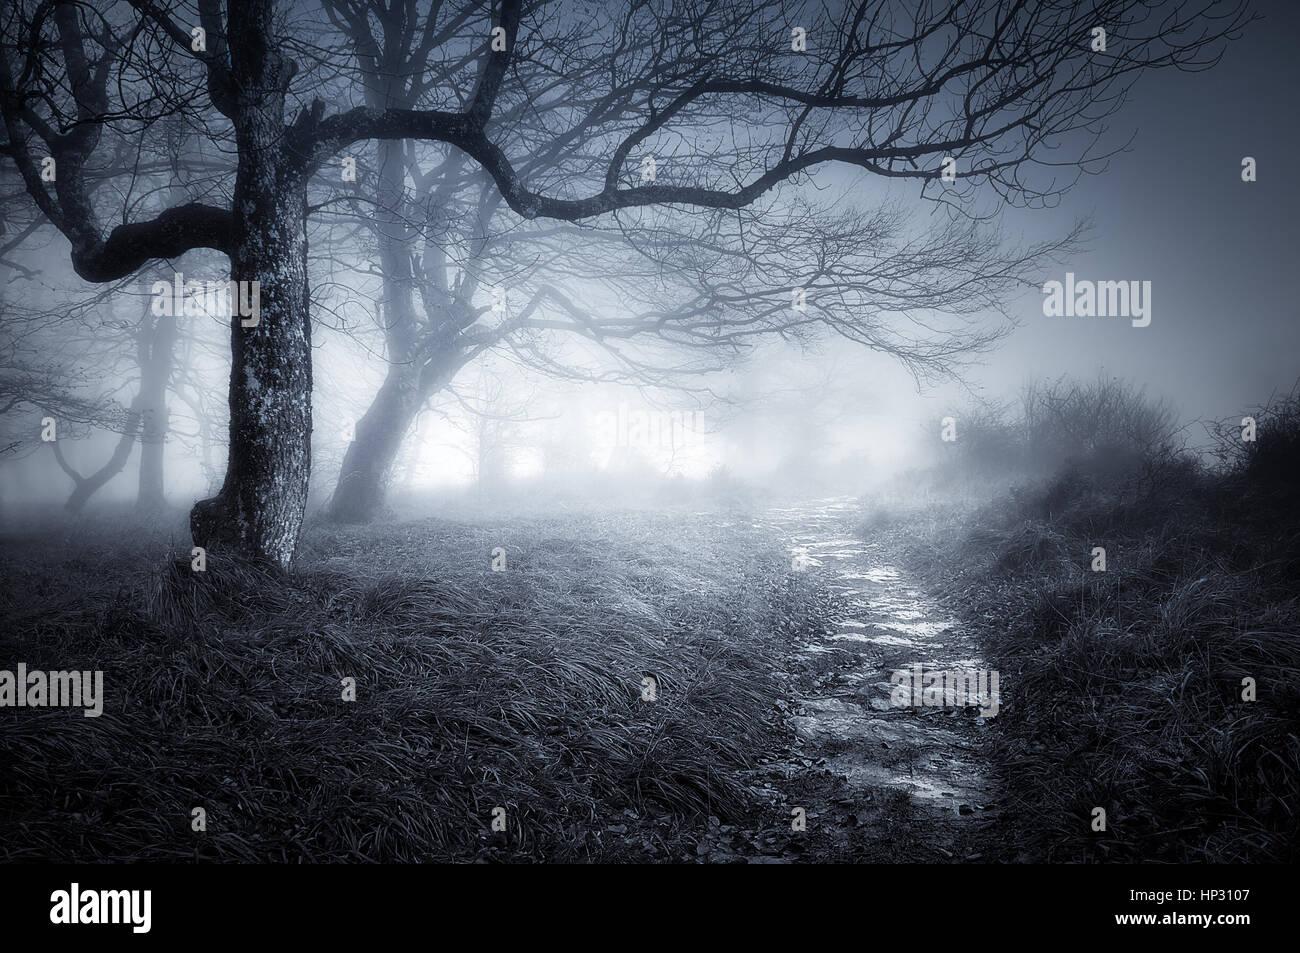 Pfad im Wald dunkel und gruselig Stockbild